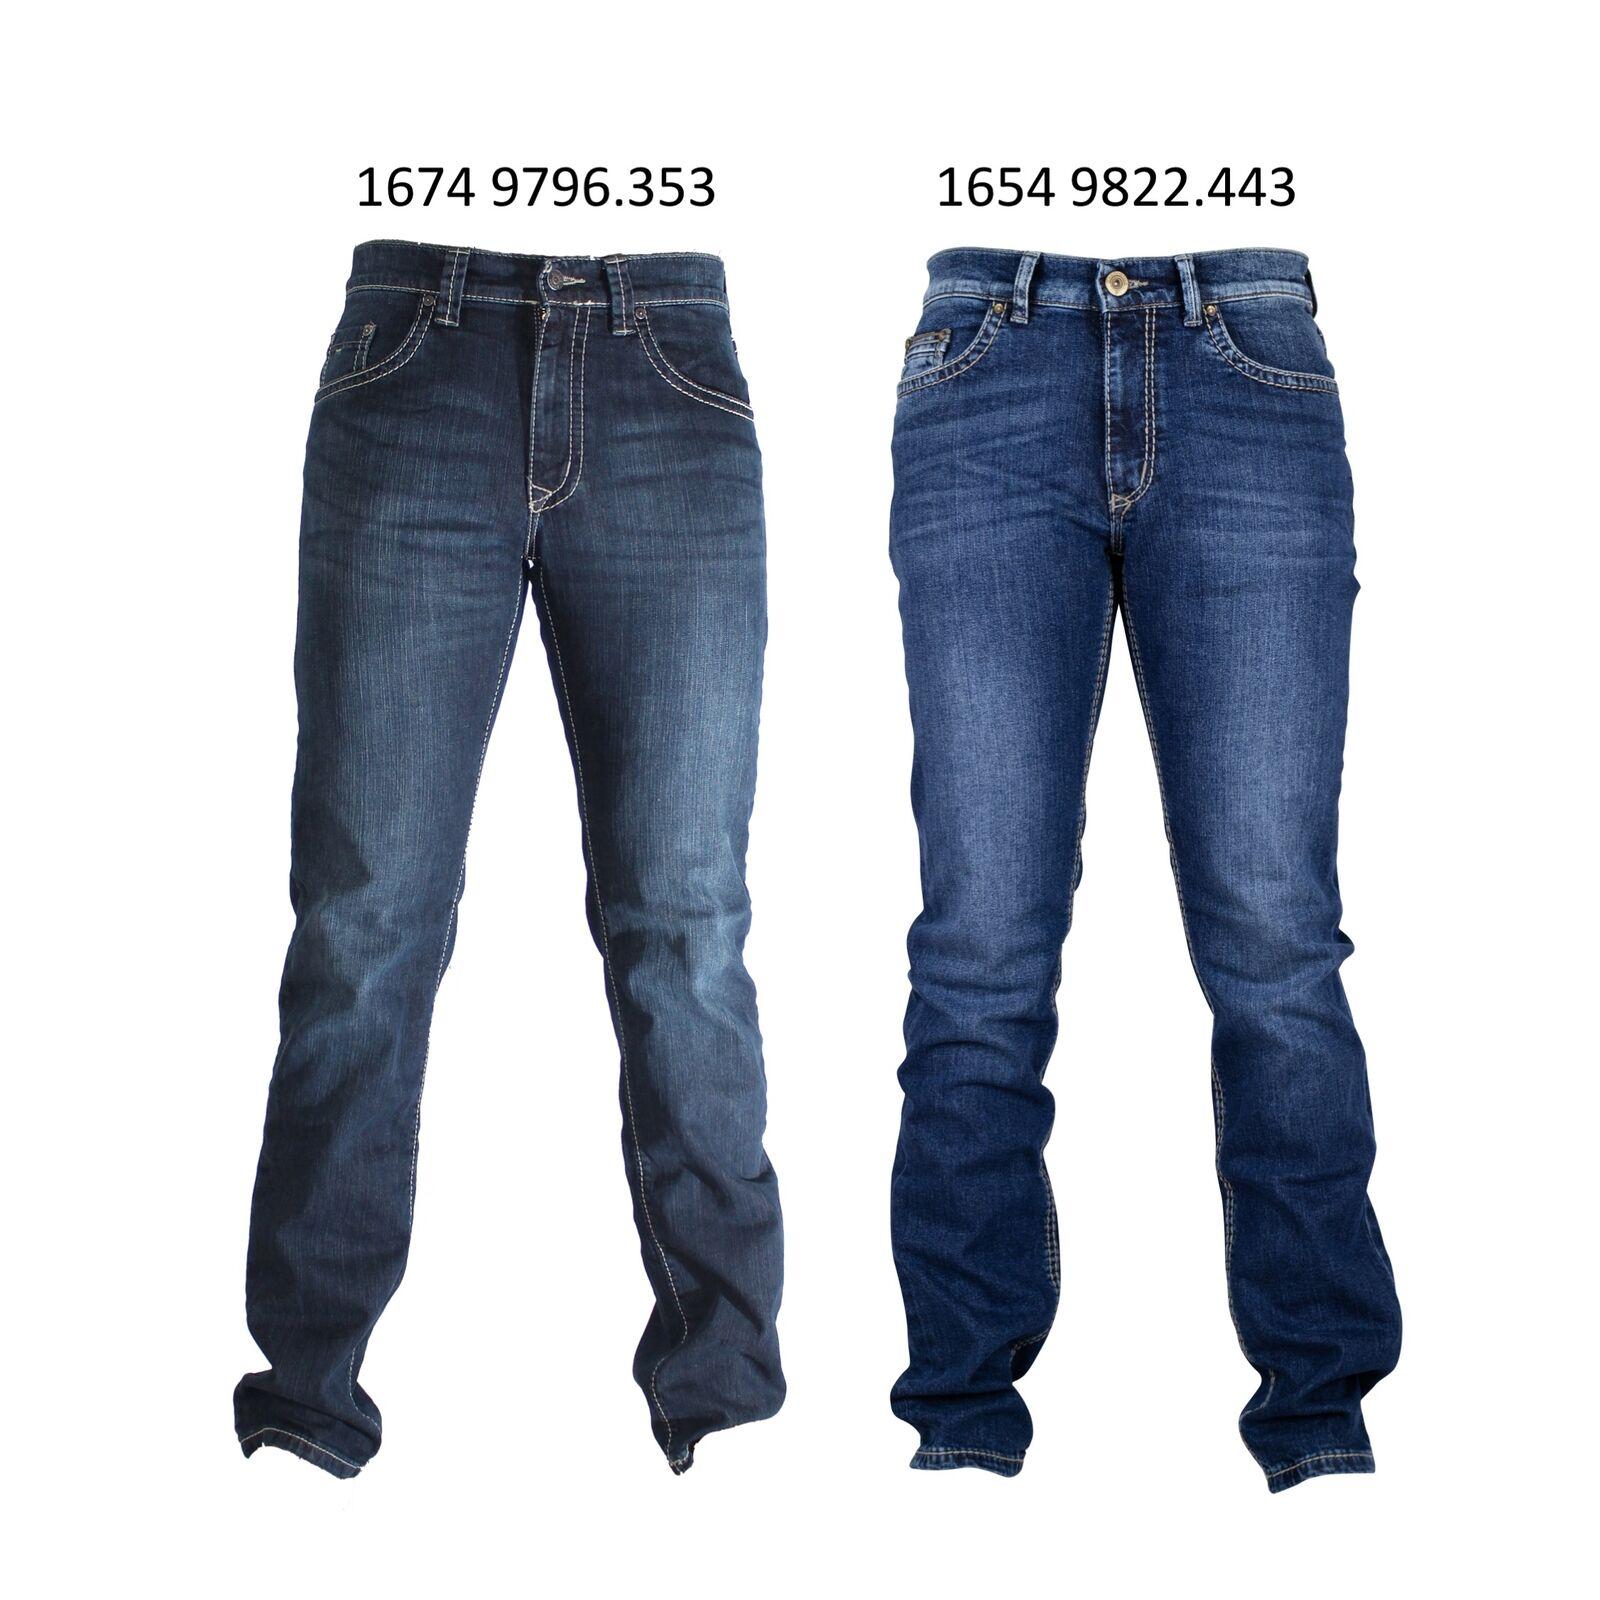 Pioneer Rando (Crafted) blue Oscuro Usado - Modelos 1674 9796.353 y 1654